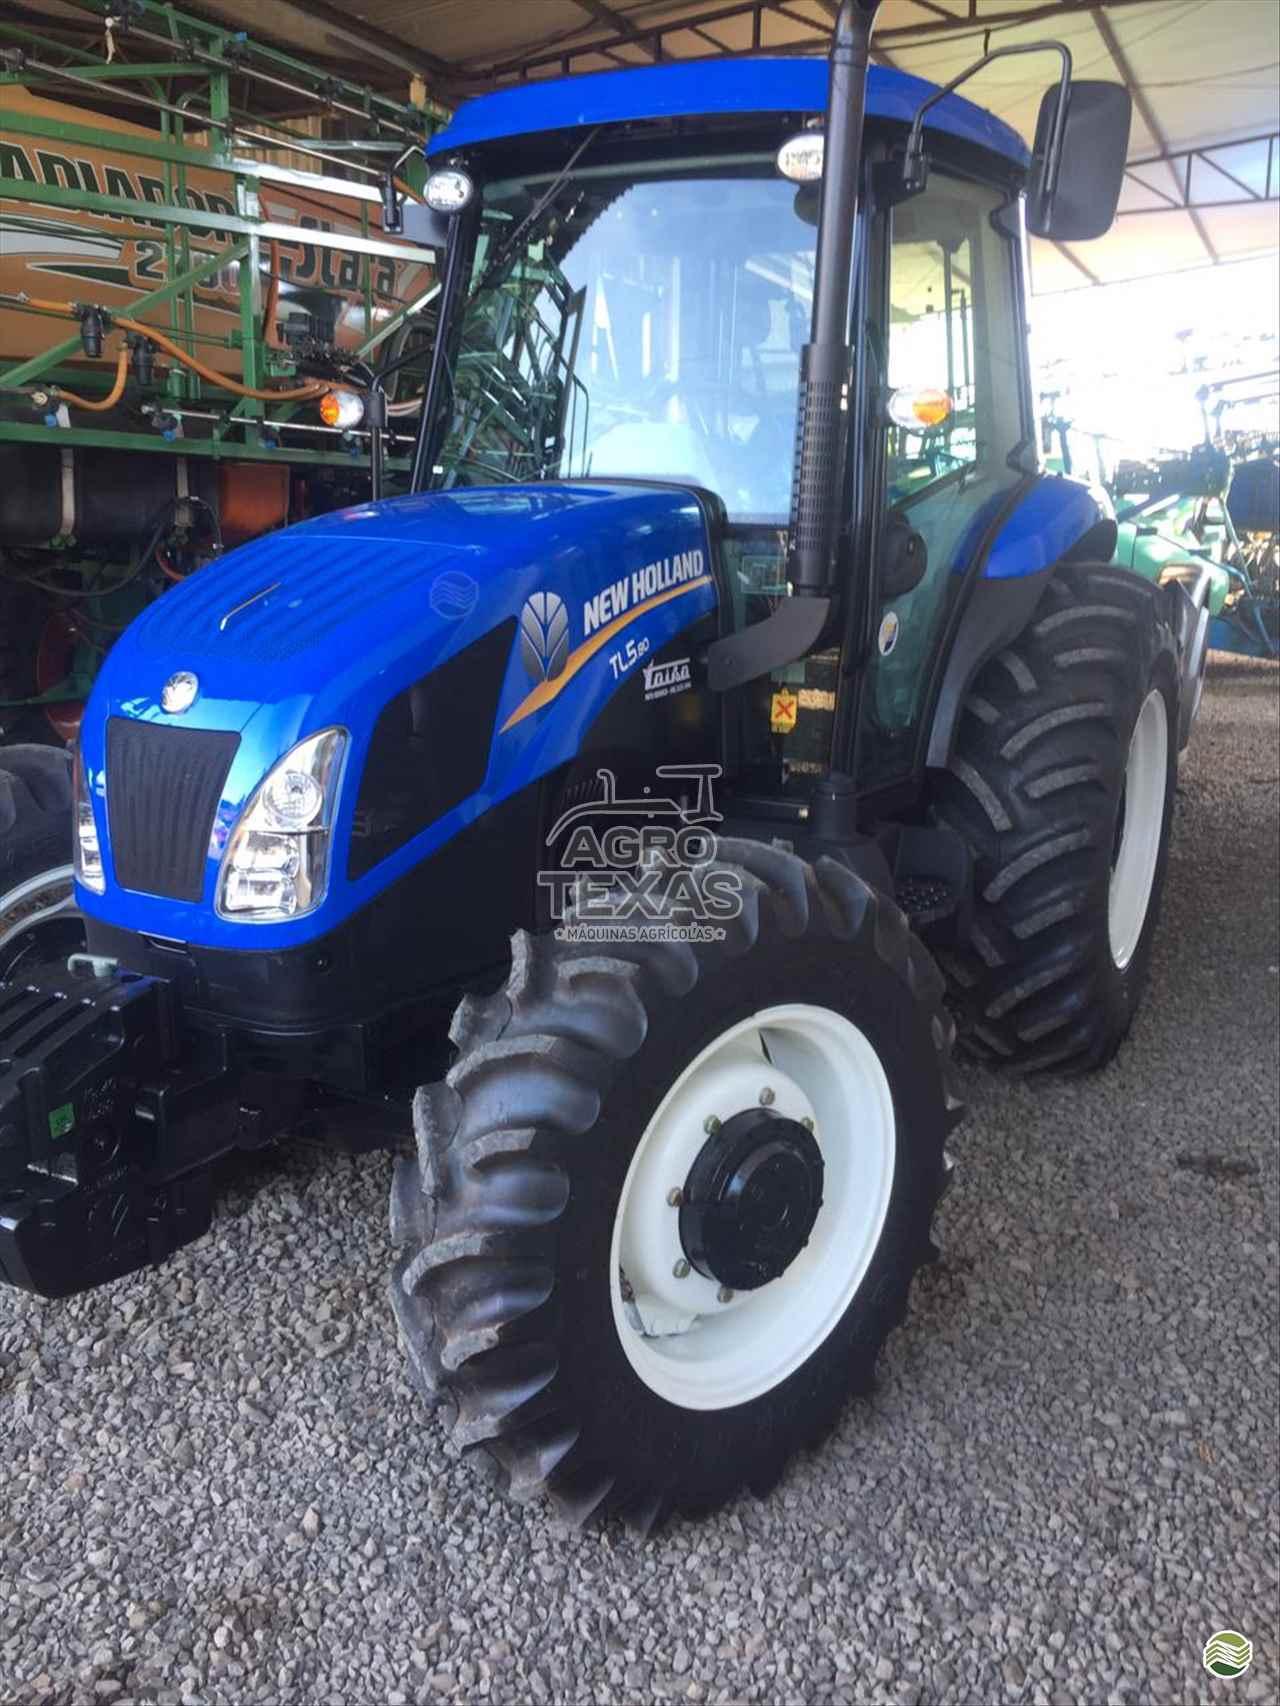 TRATOR NEW HOLLAND NEW TL5.80 Tração 4x4 Agro Texas Máquinas Agrícolas VITORINO PARANÁ PR